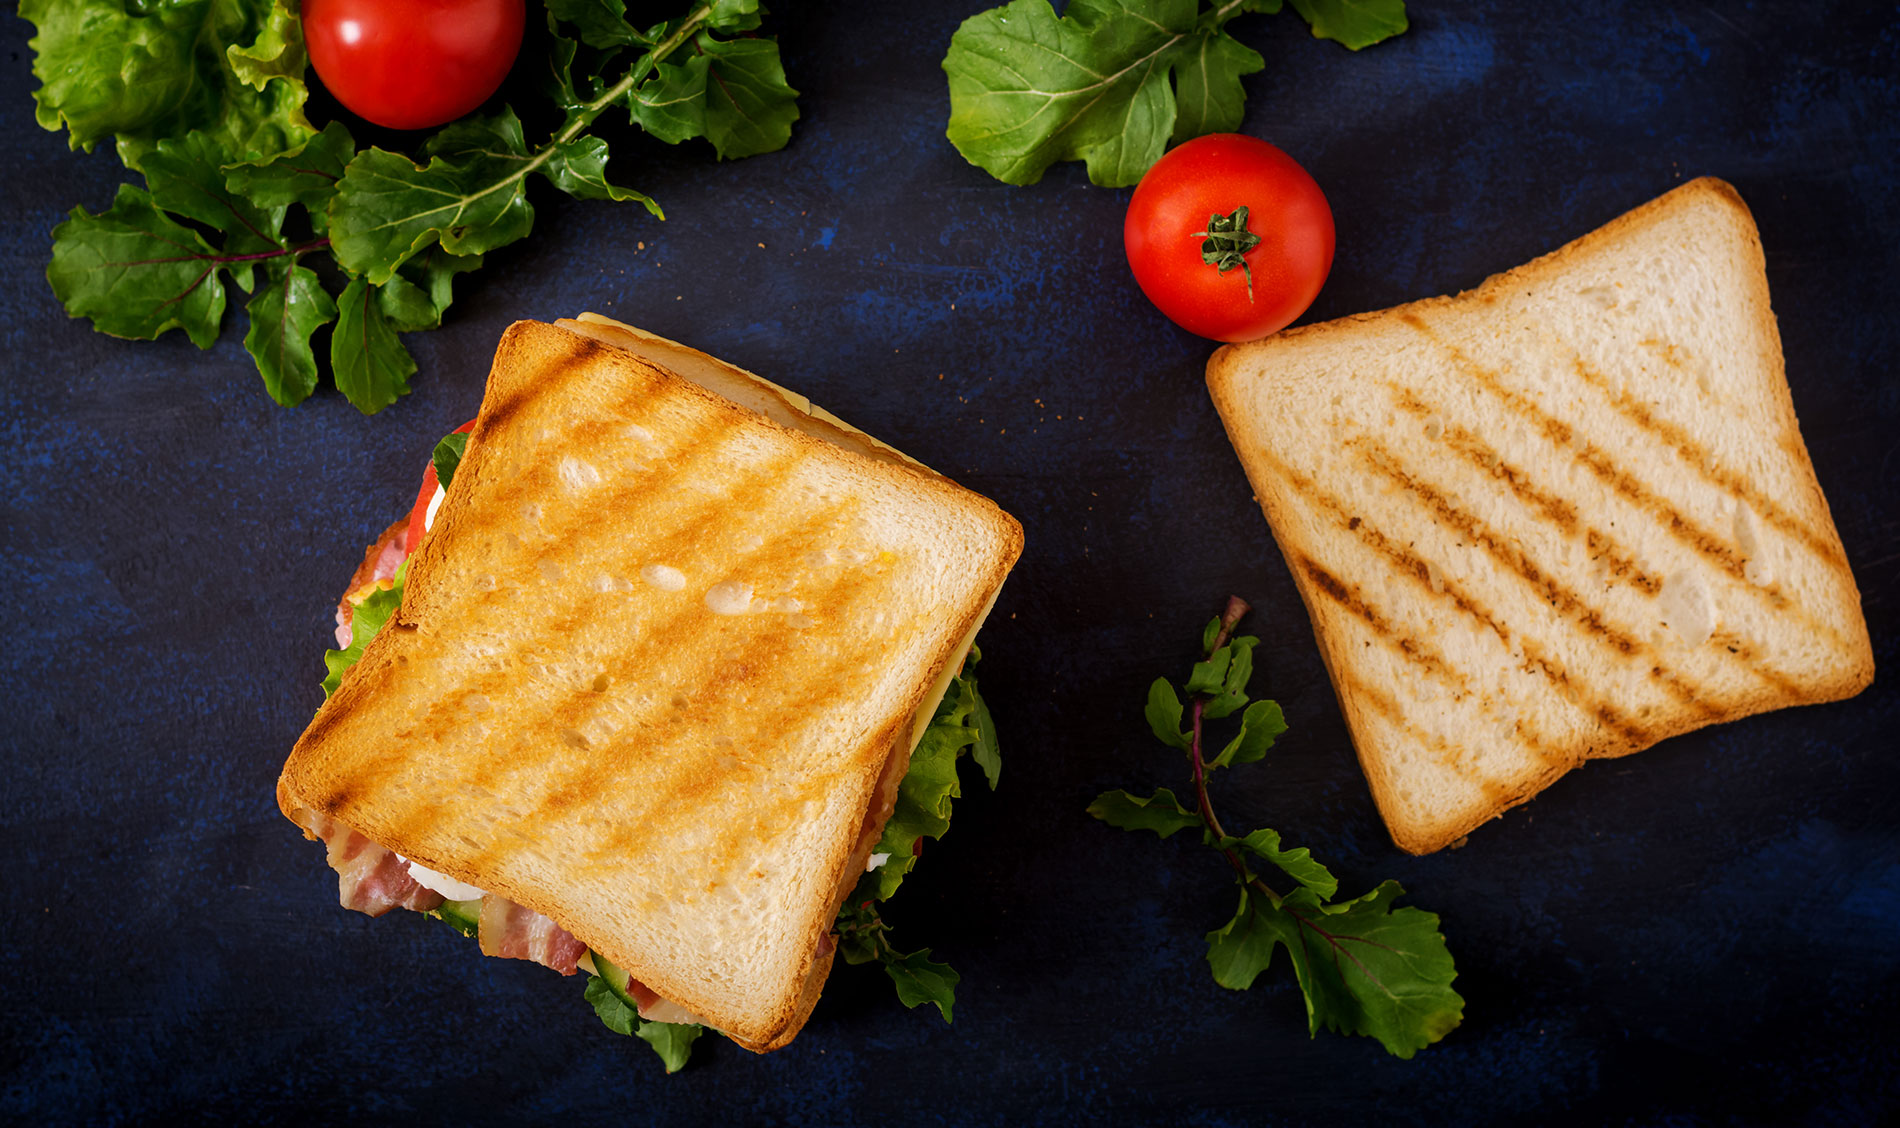 Les wraps et les sandwiches